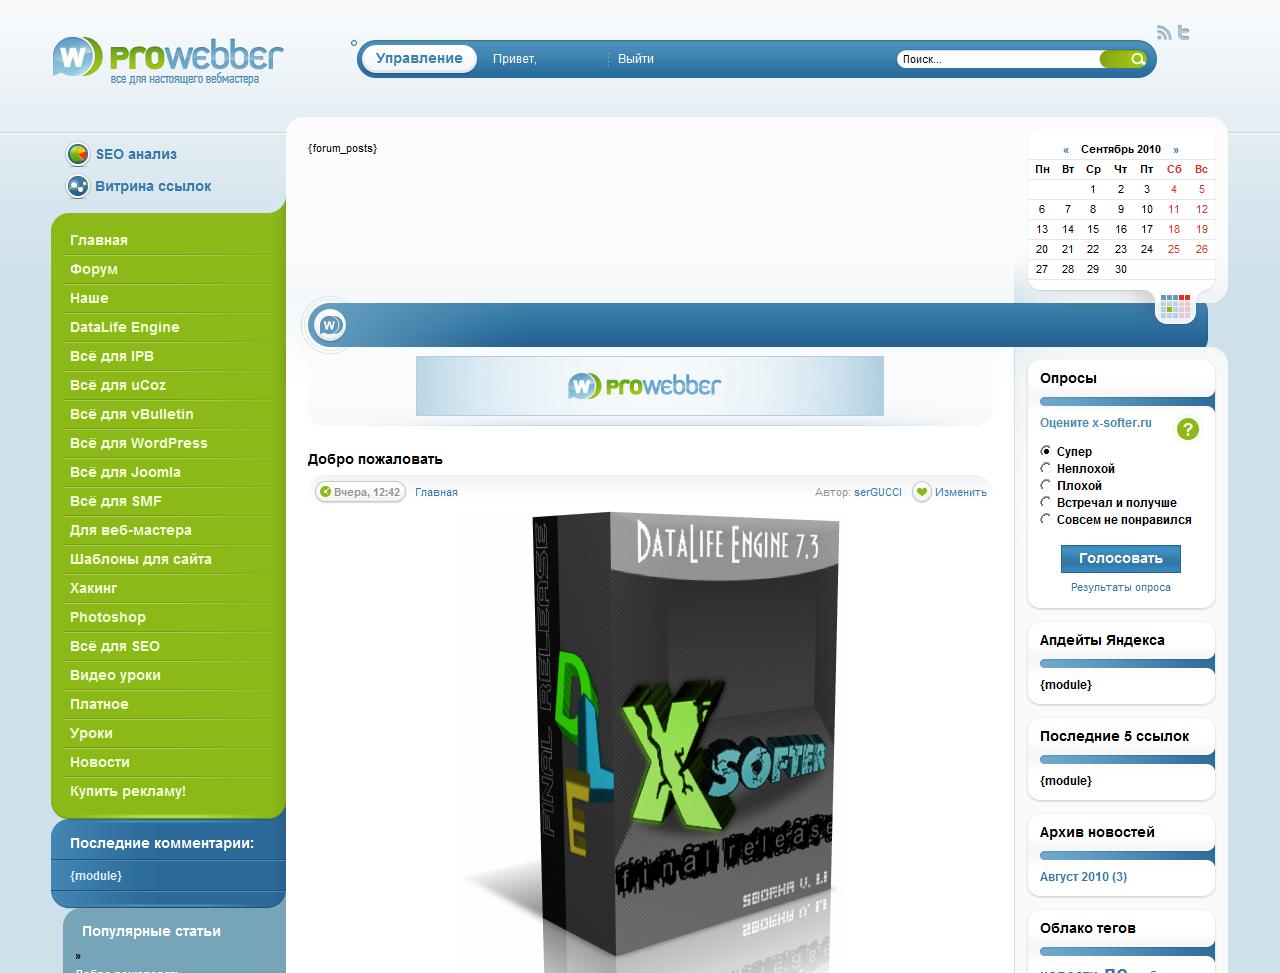 Скачать макеты сайтов в psd, готовые psd макеты, бесплатные psd макеты шаблоны сайтов, дизайн сайтов в формате psd на